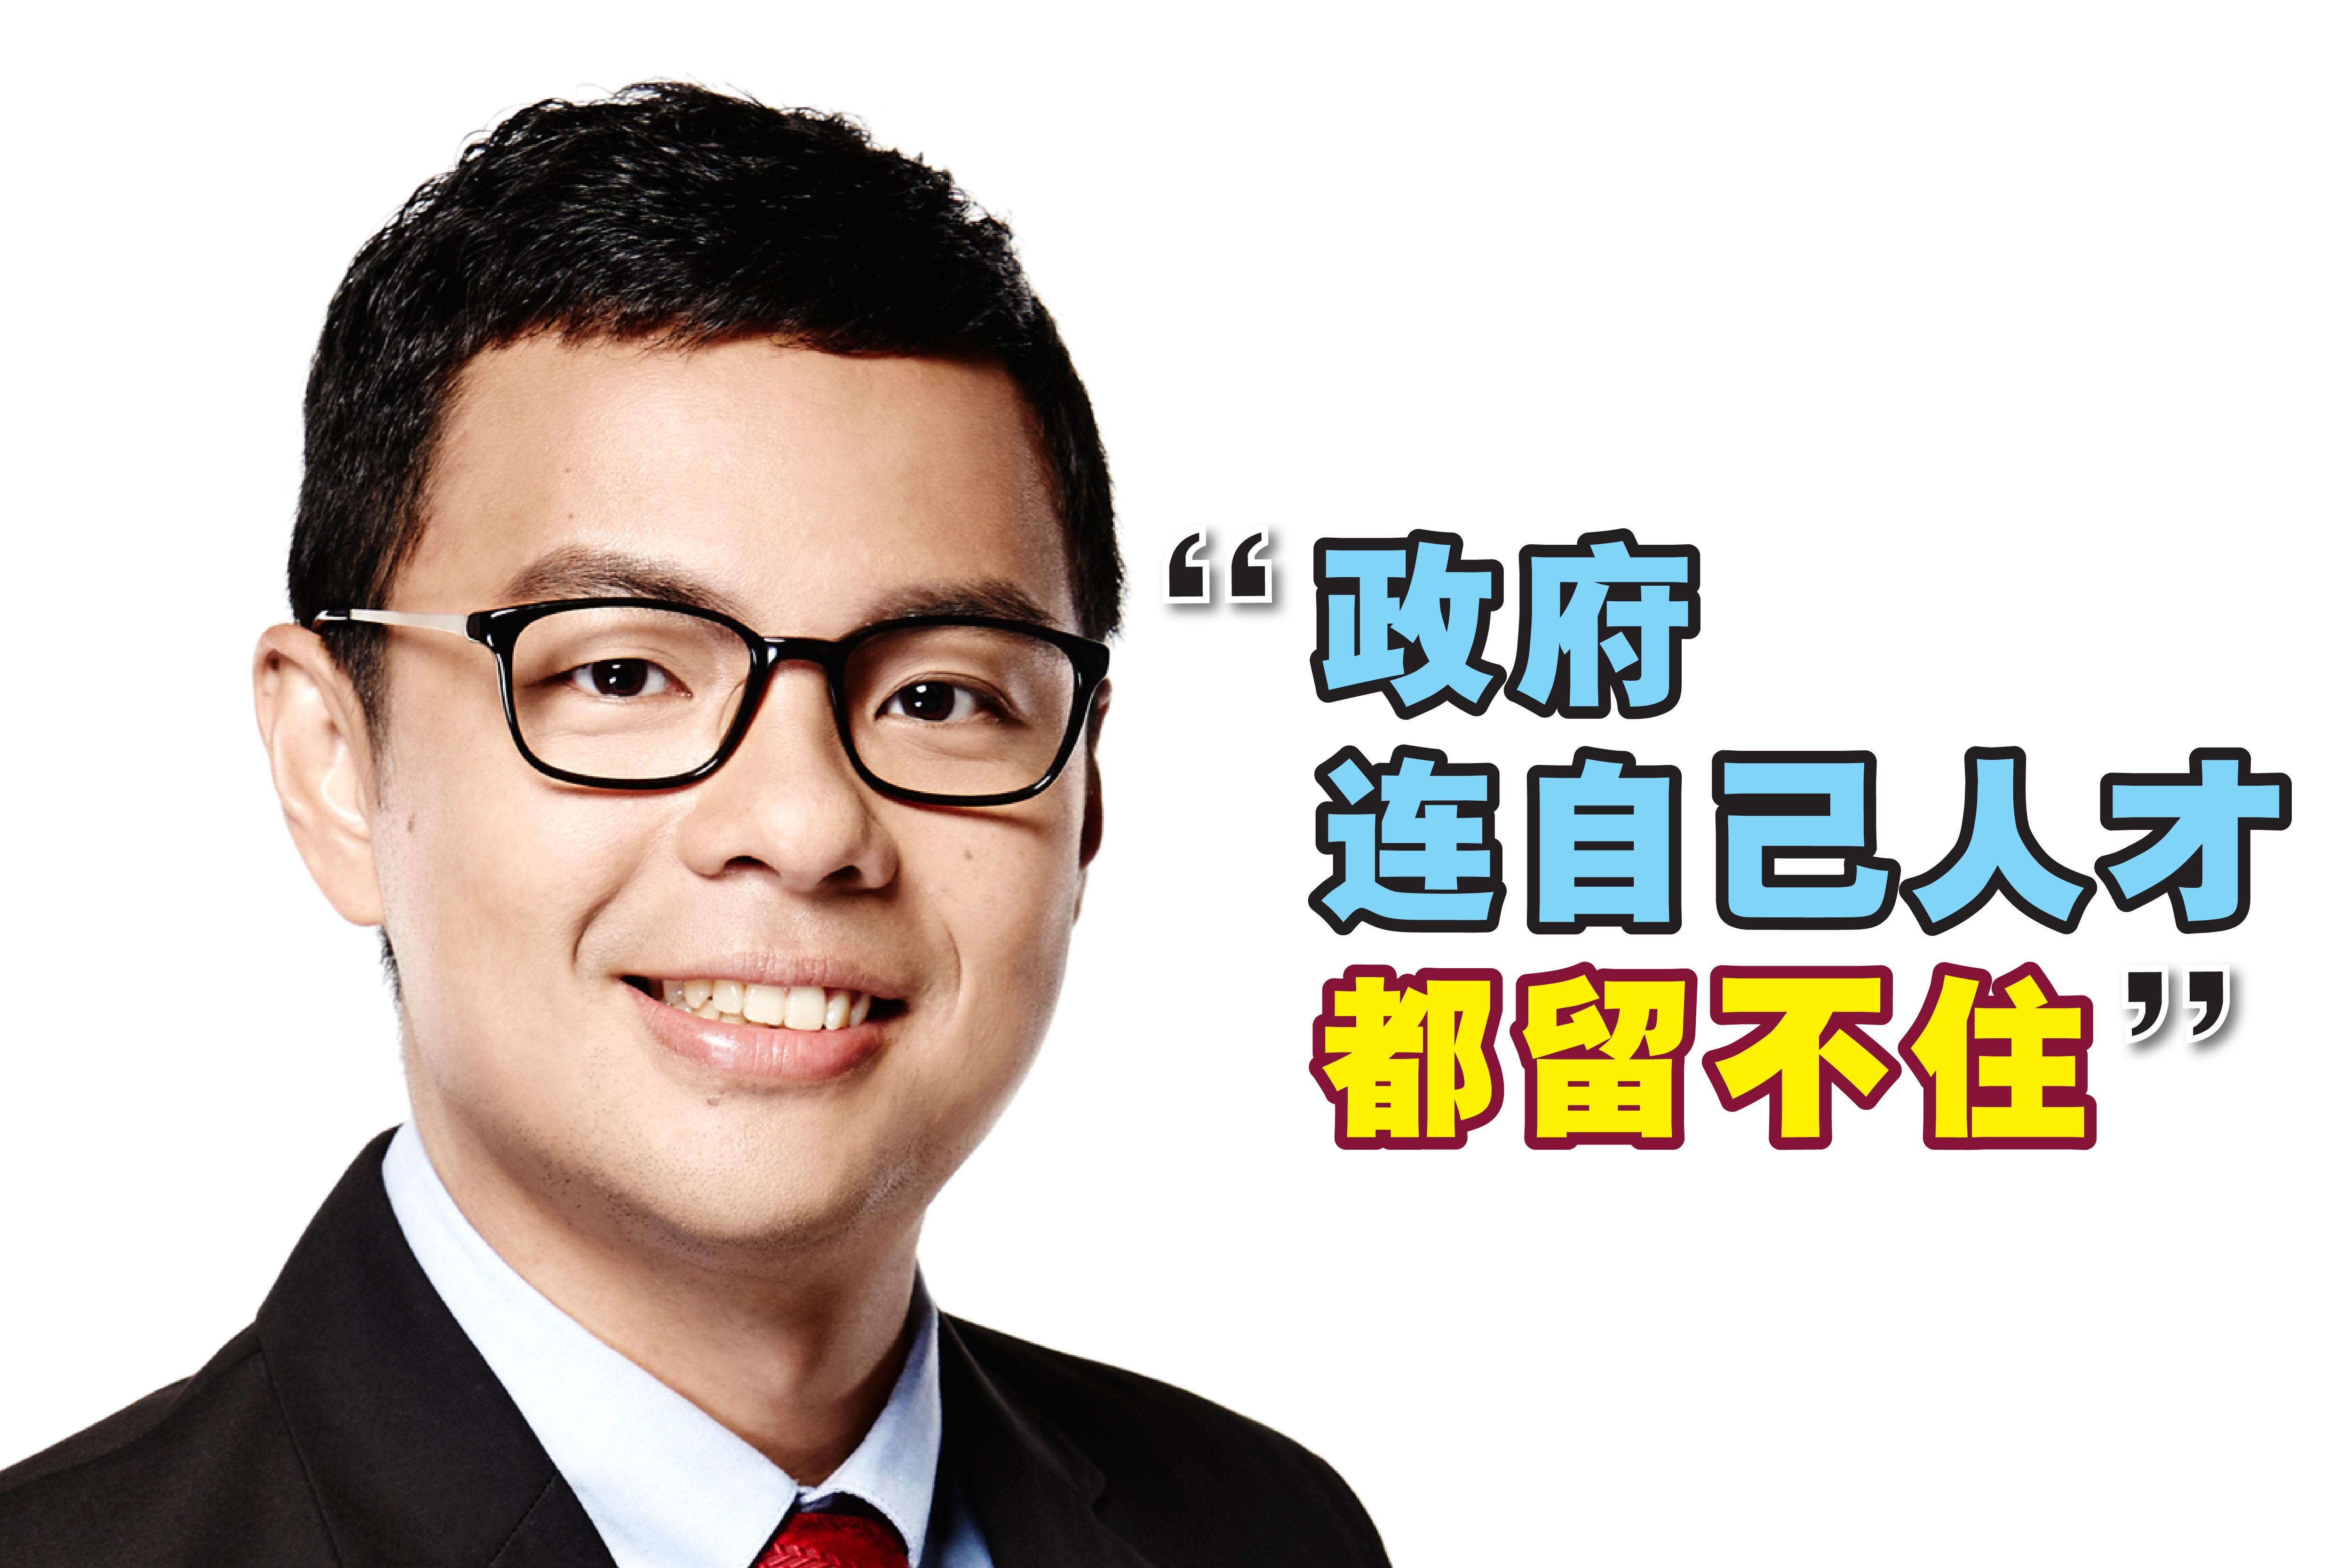 李健聪反问政府,连自己的成功企业与人才都留不住了,我国要如何争取外资和人才呢?-精彩大马制图-